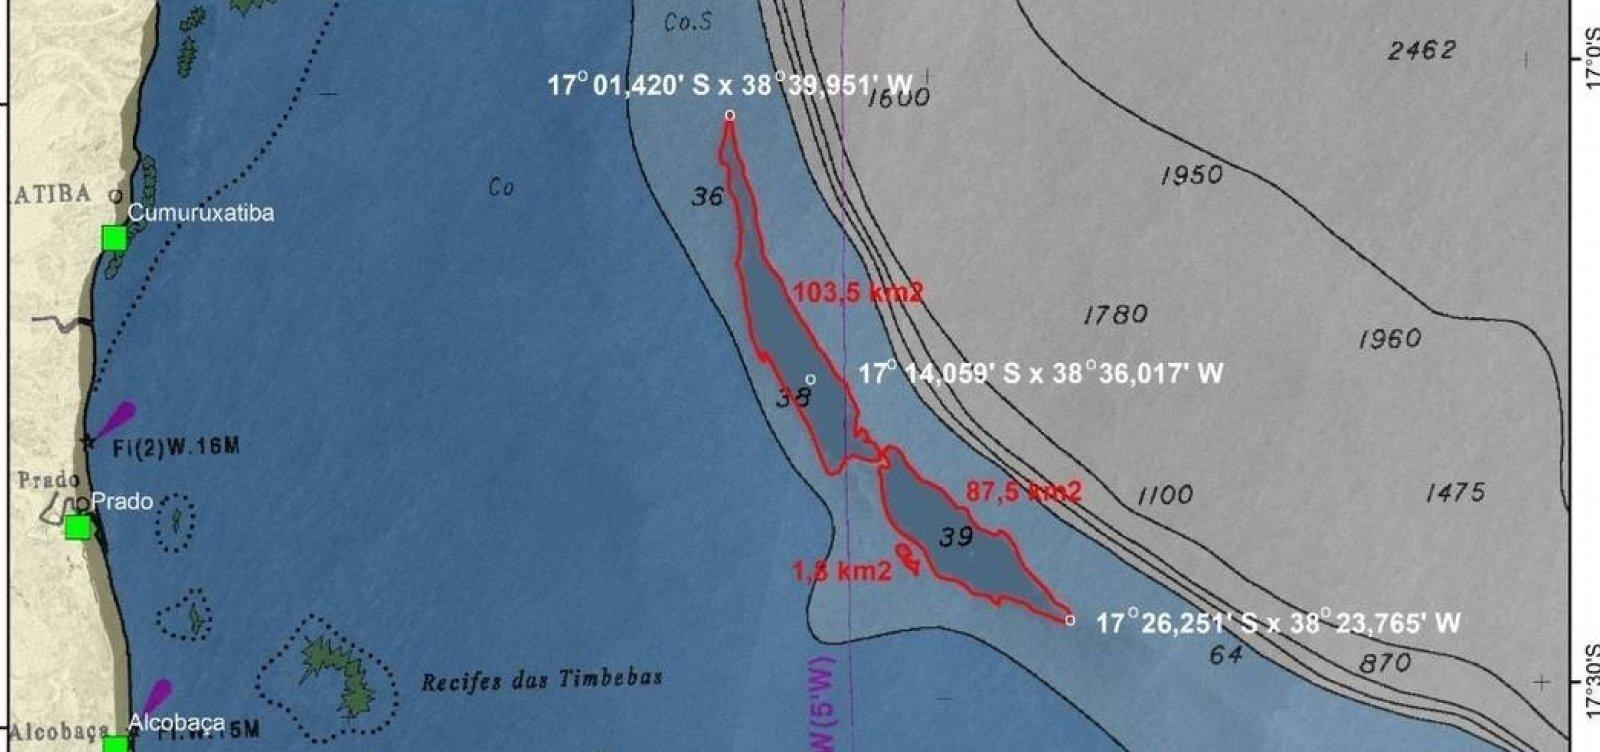 [Pesquisadores do Rio encontram grande mancha de óleo no mar perto da costa na Bahia]